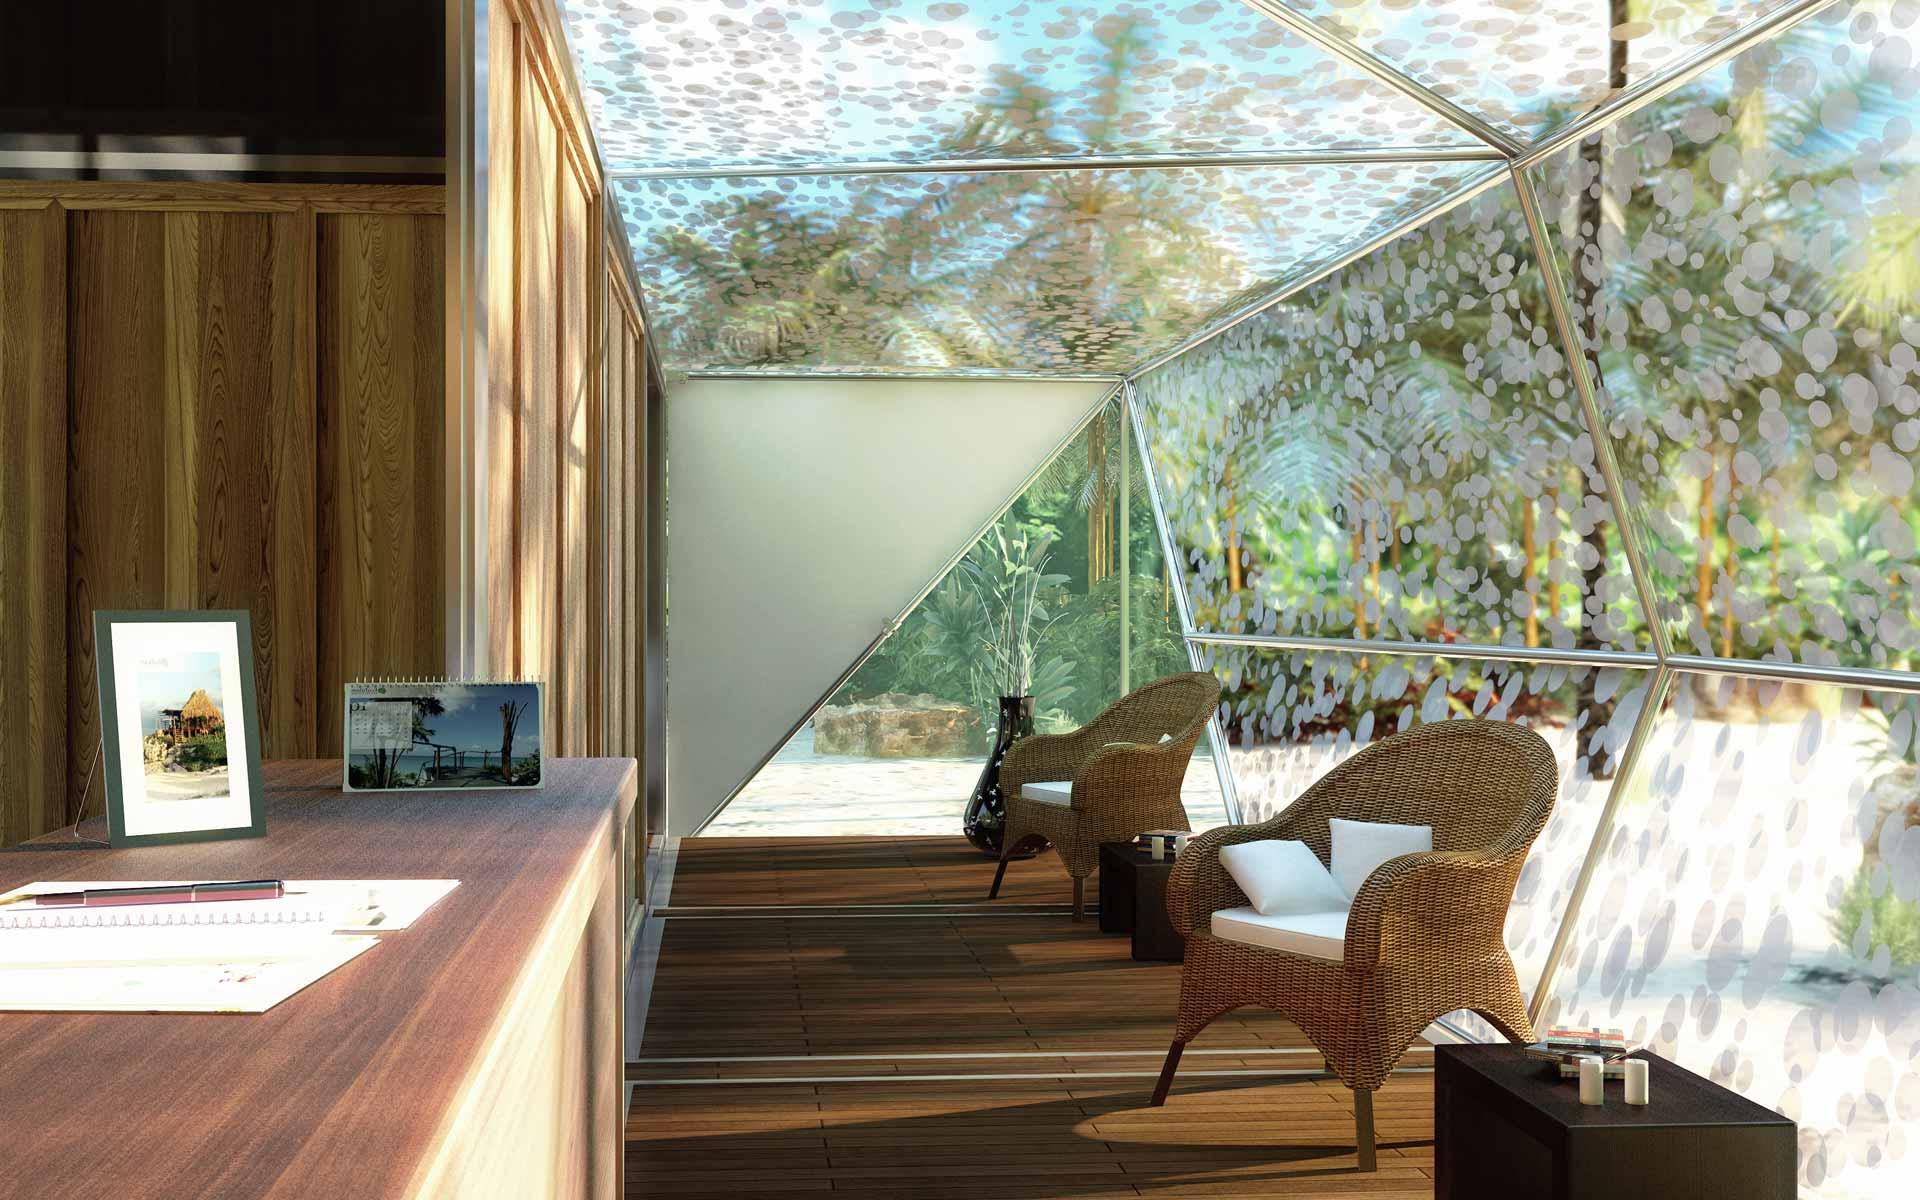 arquitectura desmontable, interior container recepción